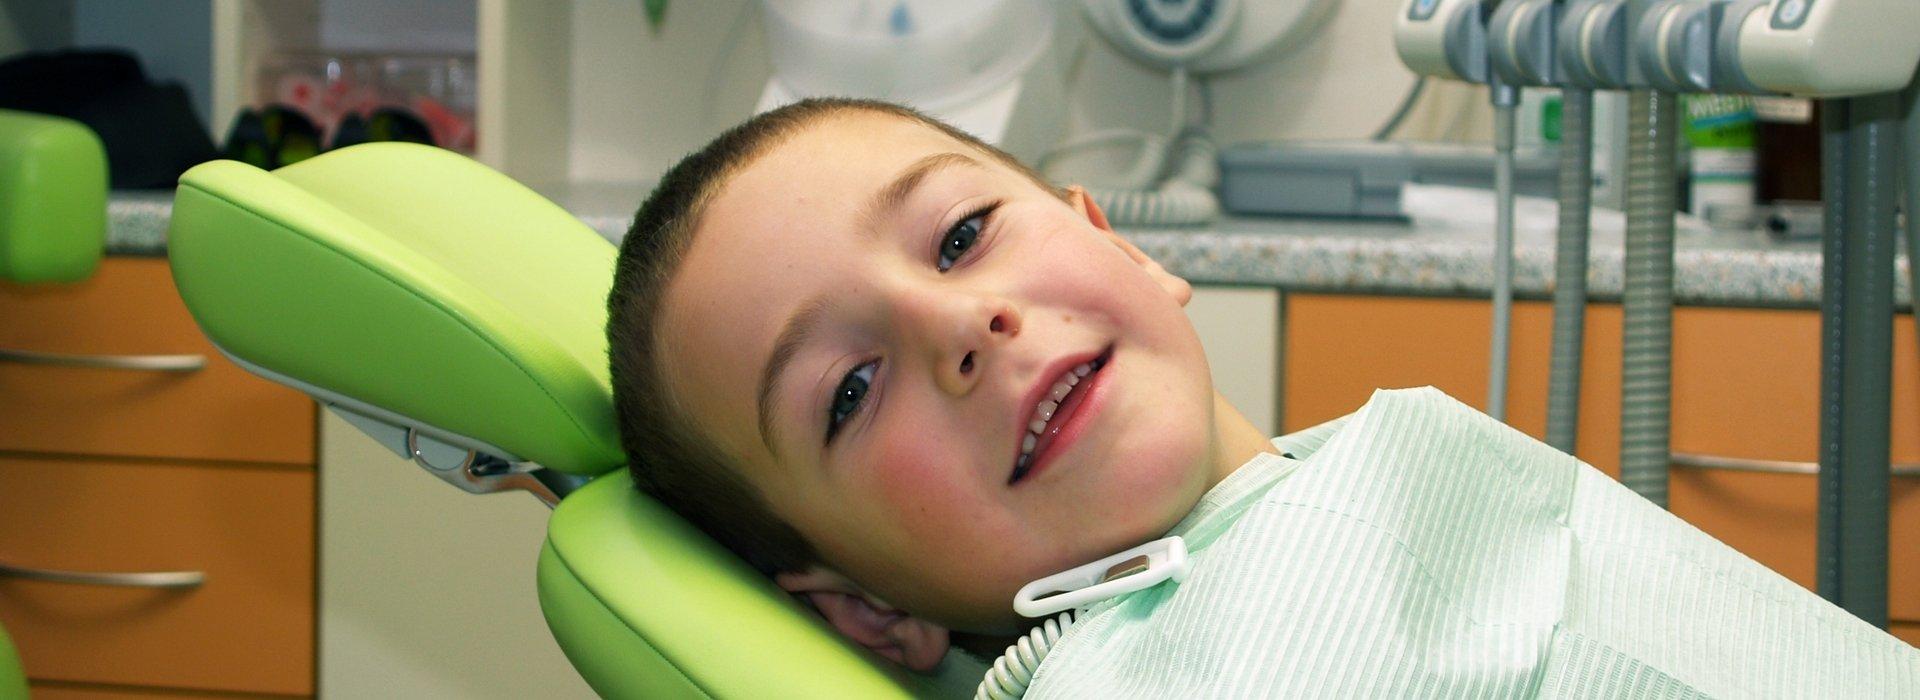 Zahnheilkunde für Kinder in Budapest – Günstige Zahnärztliche Behandlungen in Budapest